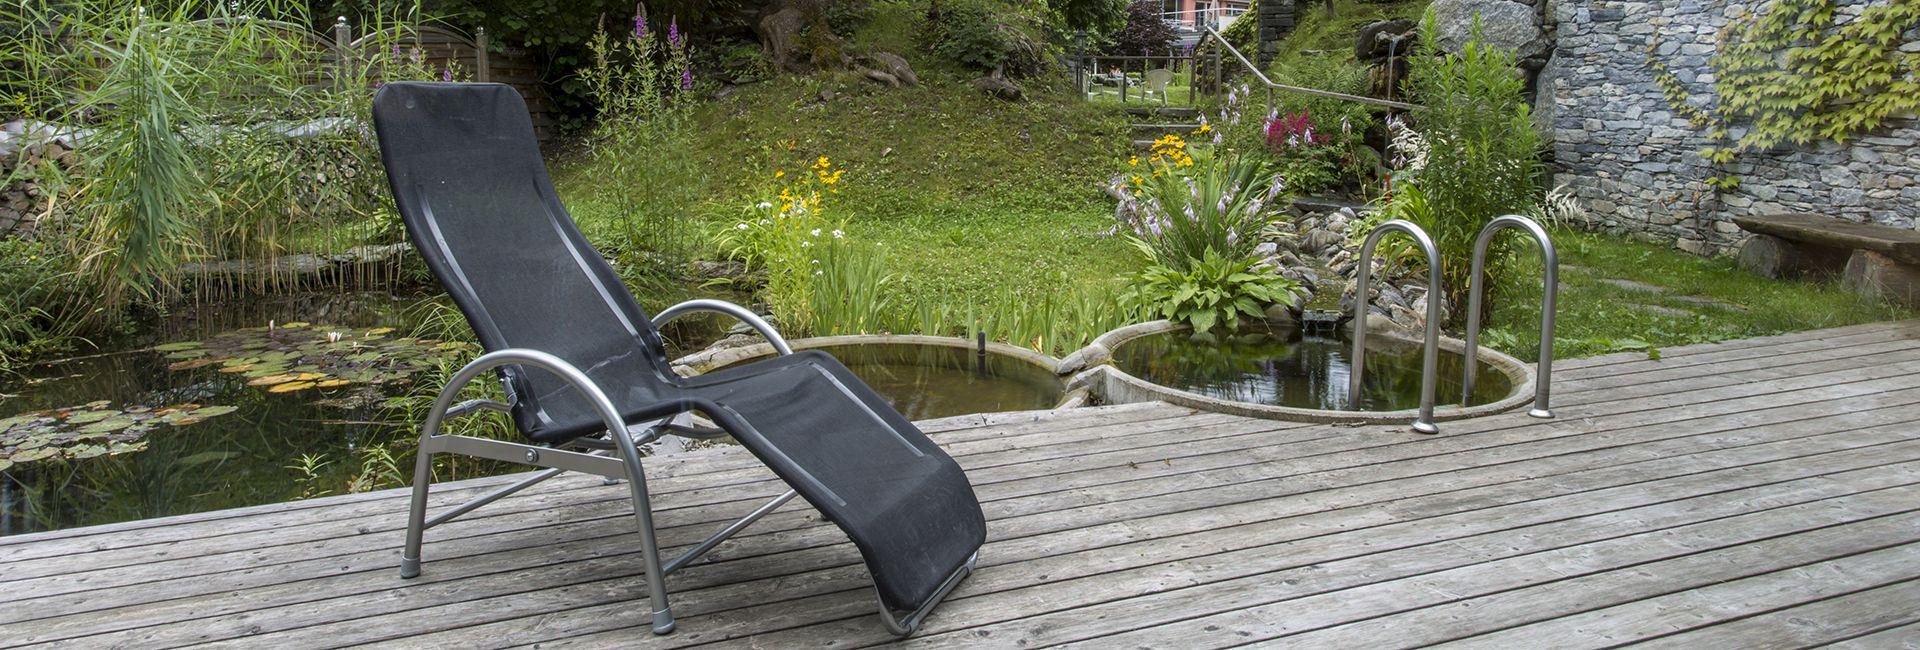 Ruhebereich im grossen Garten im Hotel Cresta